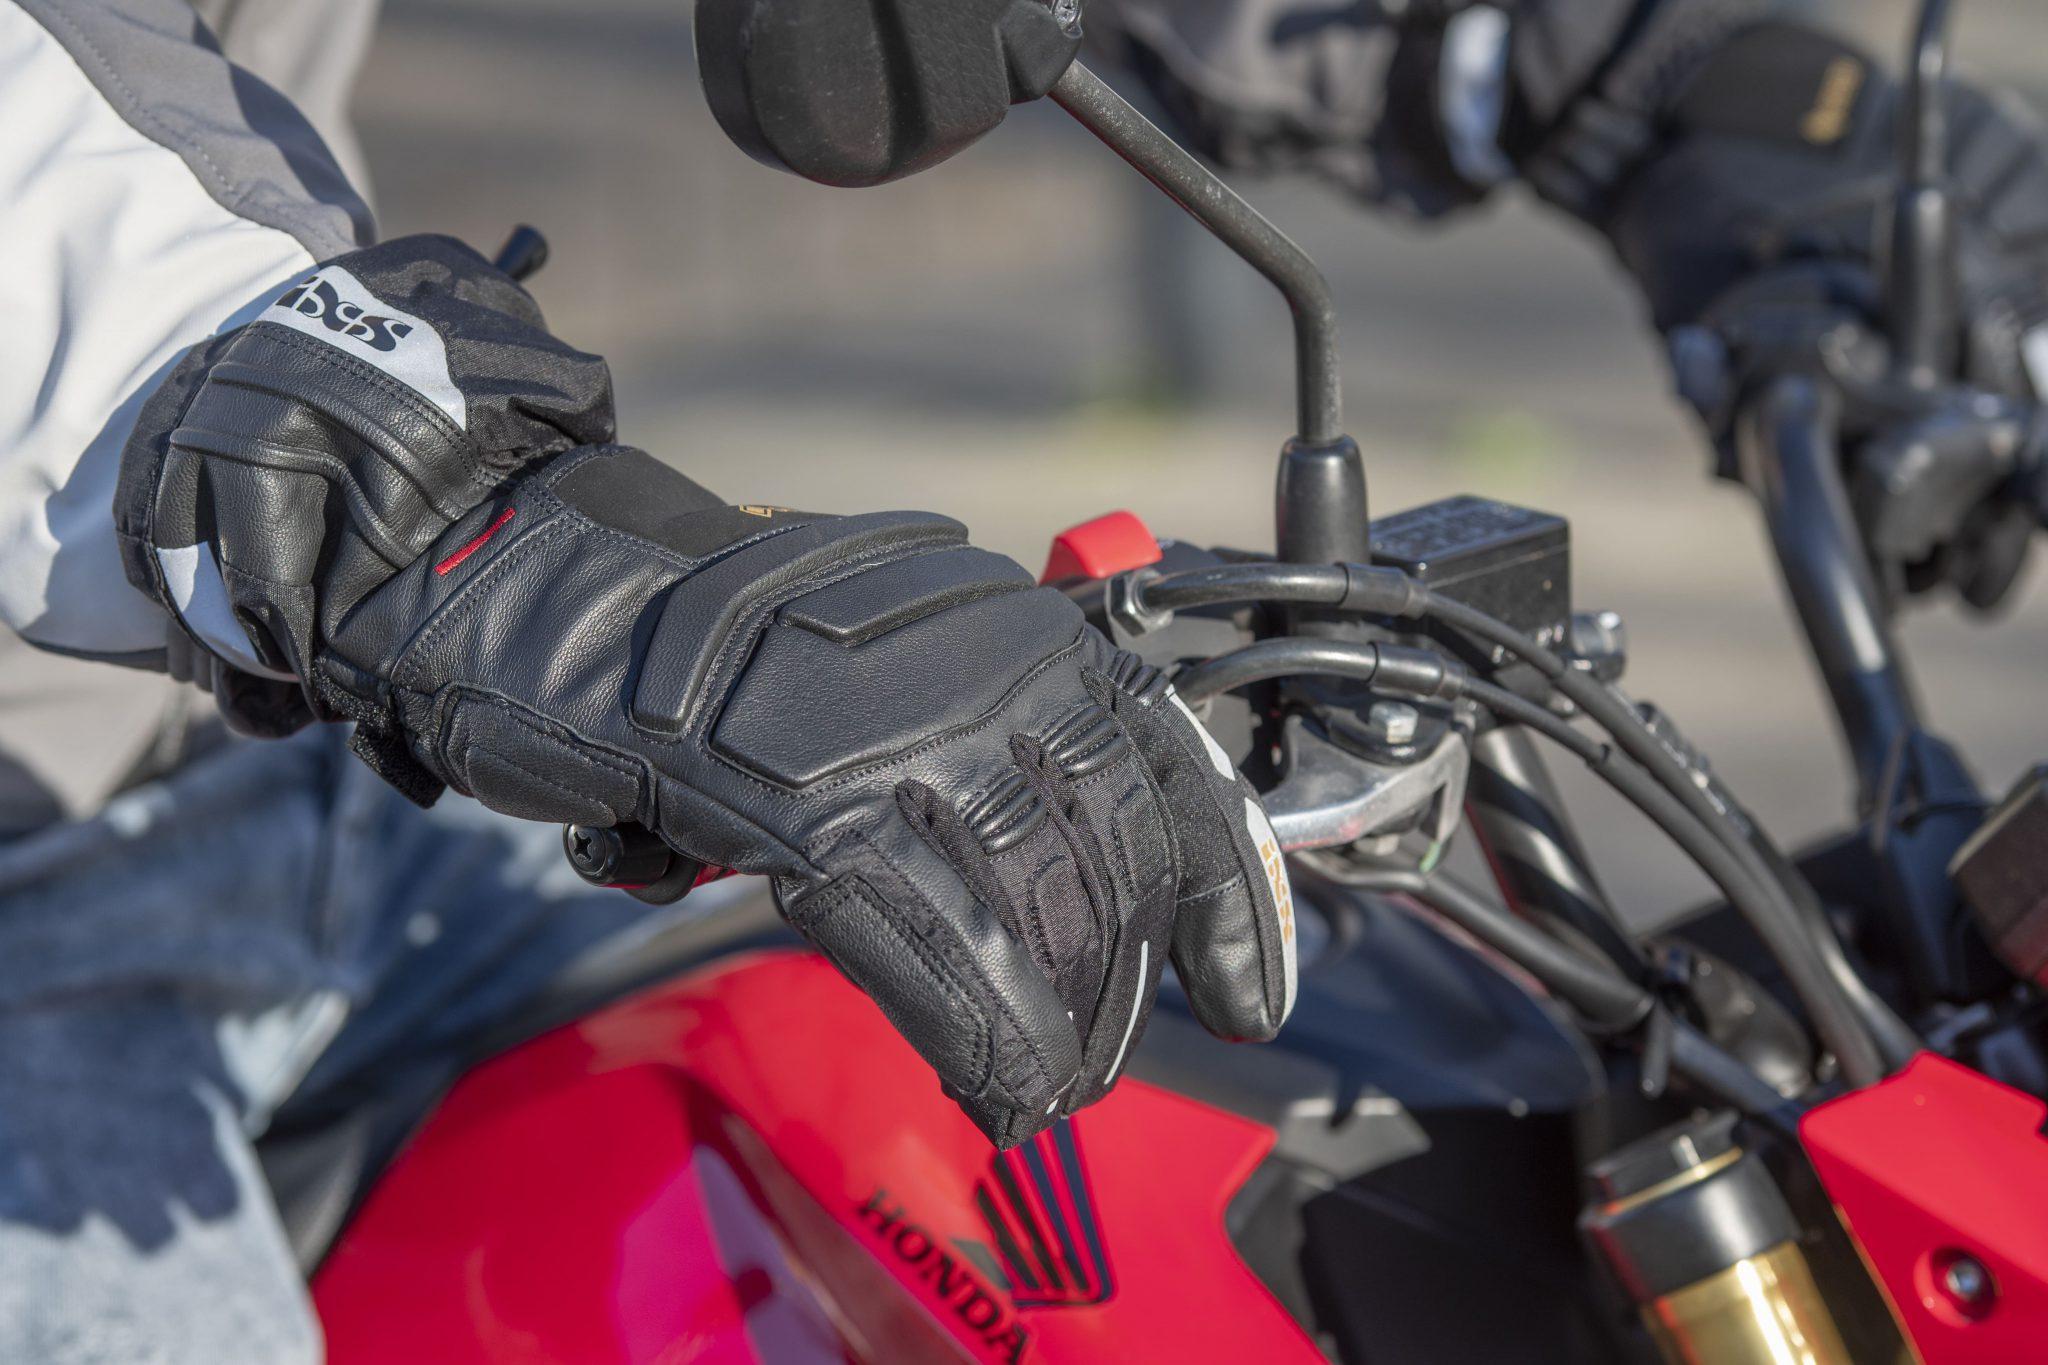 Handen met handschoenen die een motor vasthouden